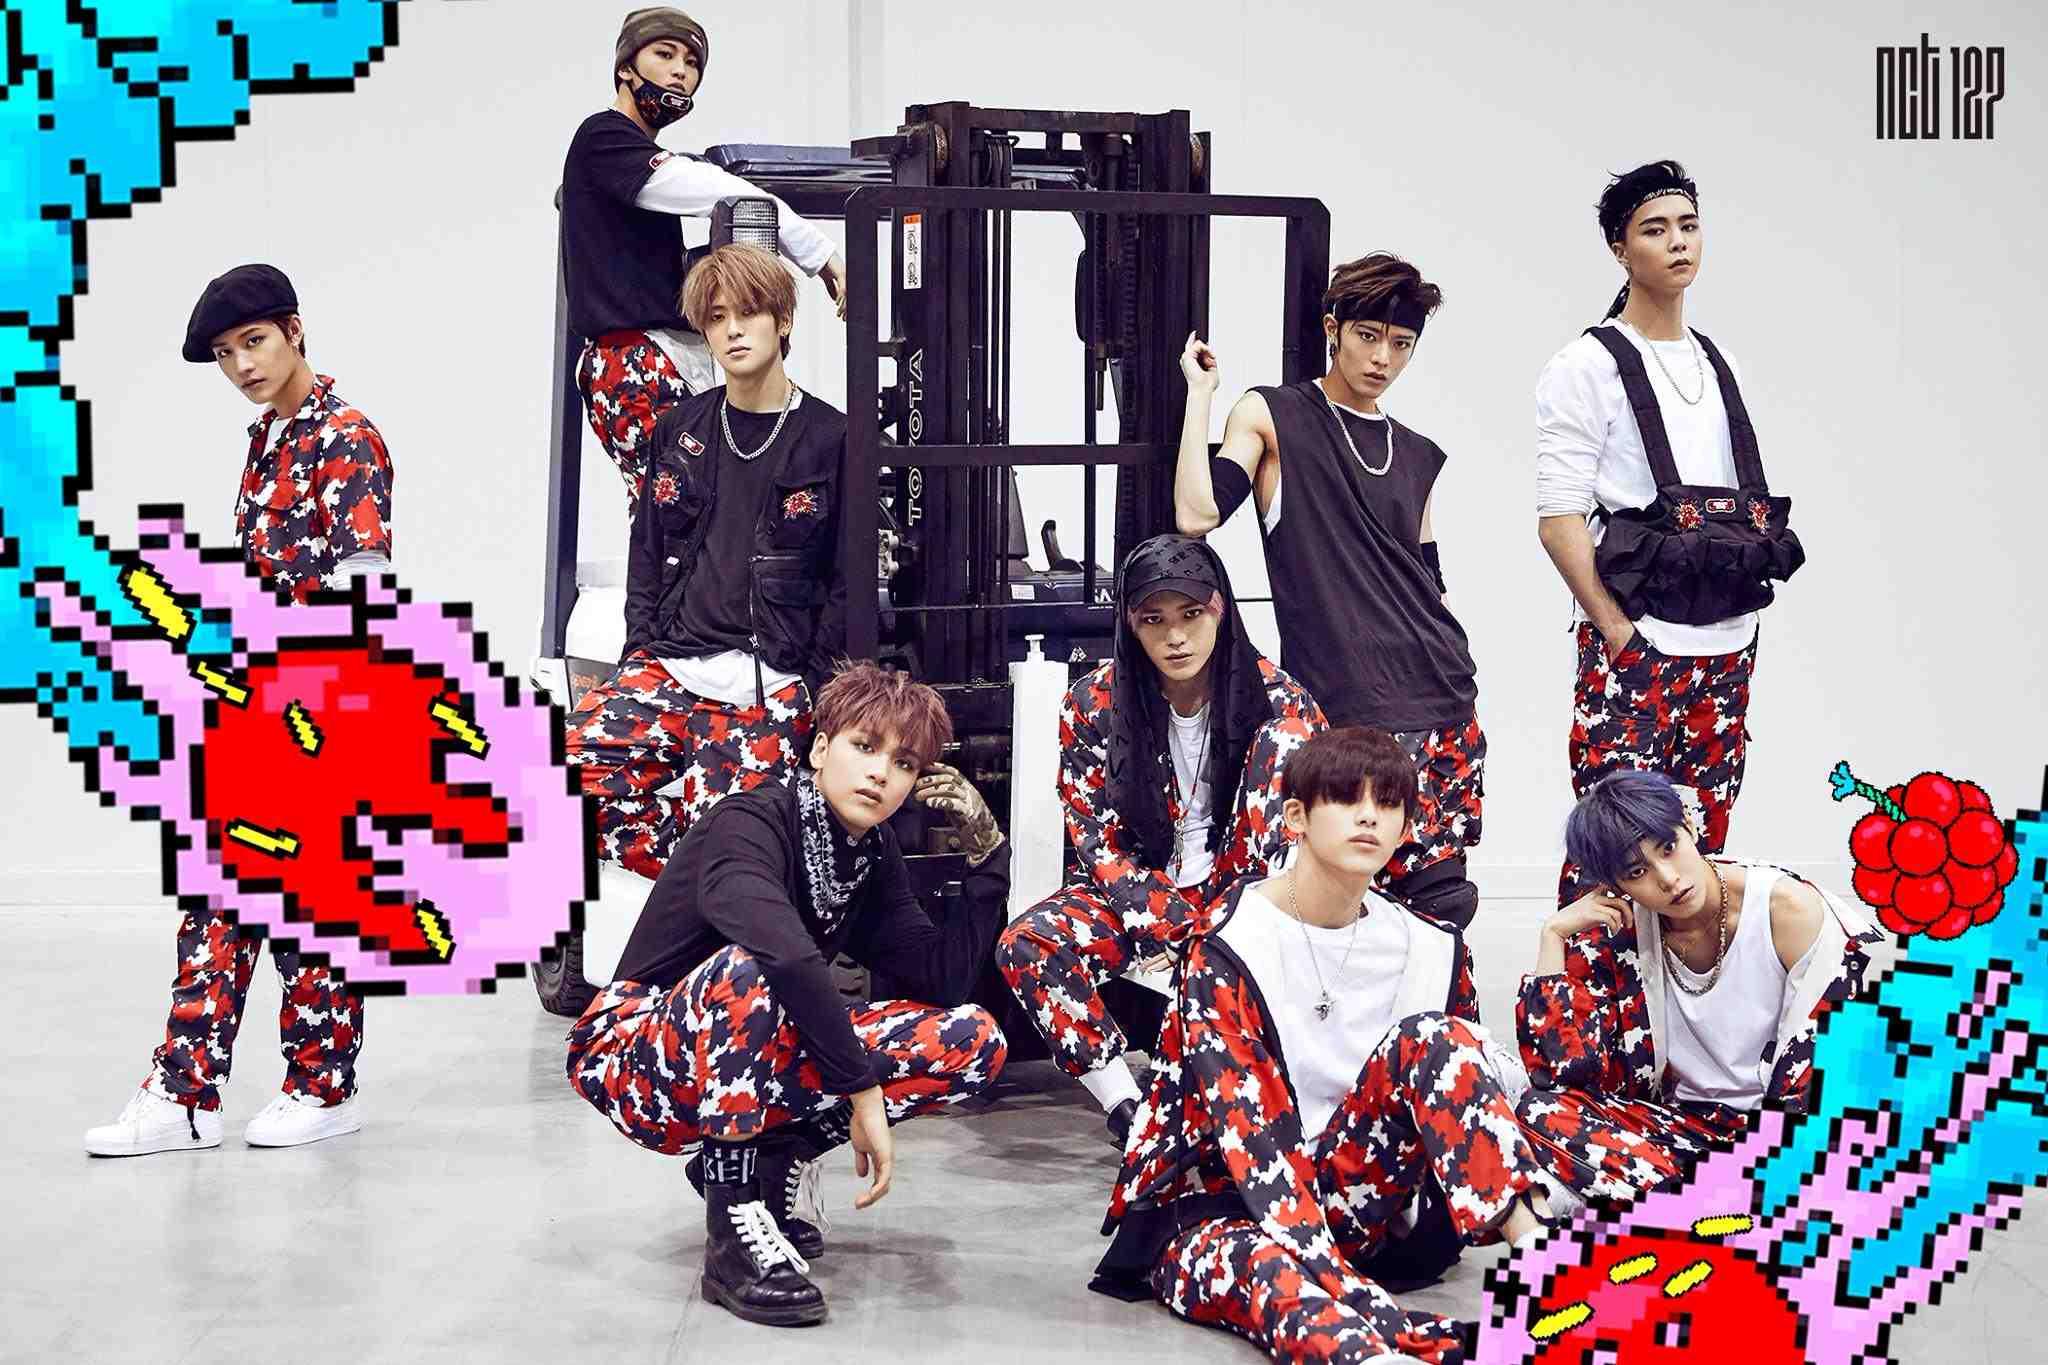 但NCT也很常被說是SM的實驗品,因為他們所發行的歌曲,似乎都跟時下流行的音樂風格不太類似,所以一開始的大眾度真的都不高ㅠㅠ但NCT的歌真的是越聽越好聽的類型呢~ 而在韓國論壇上也有網友表示NCT可能會是SM成績最不好的團體吧! 每次看到這種言論小編真的很難過啊ㅠㅠ